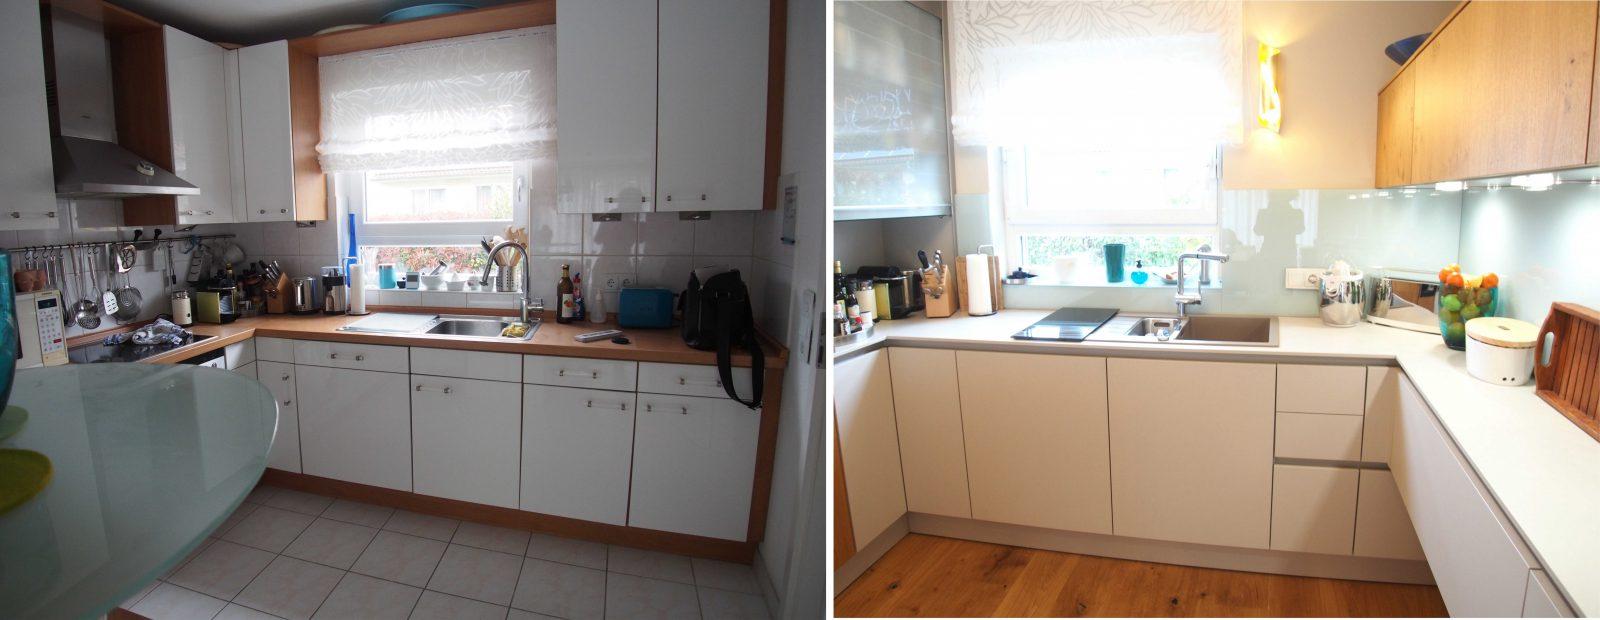 Küchen Fliesen Streichen   Küche Streichen Vorher Nachher ...